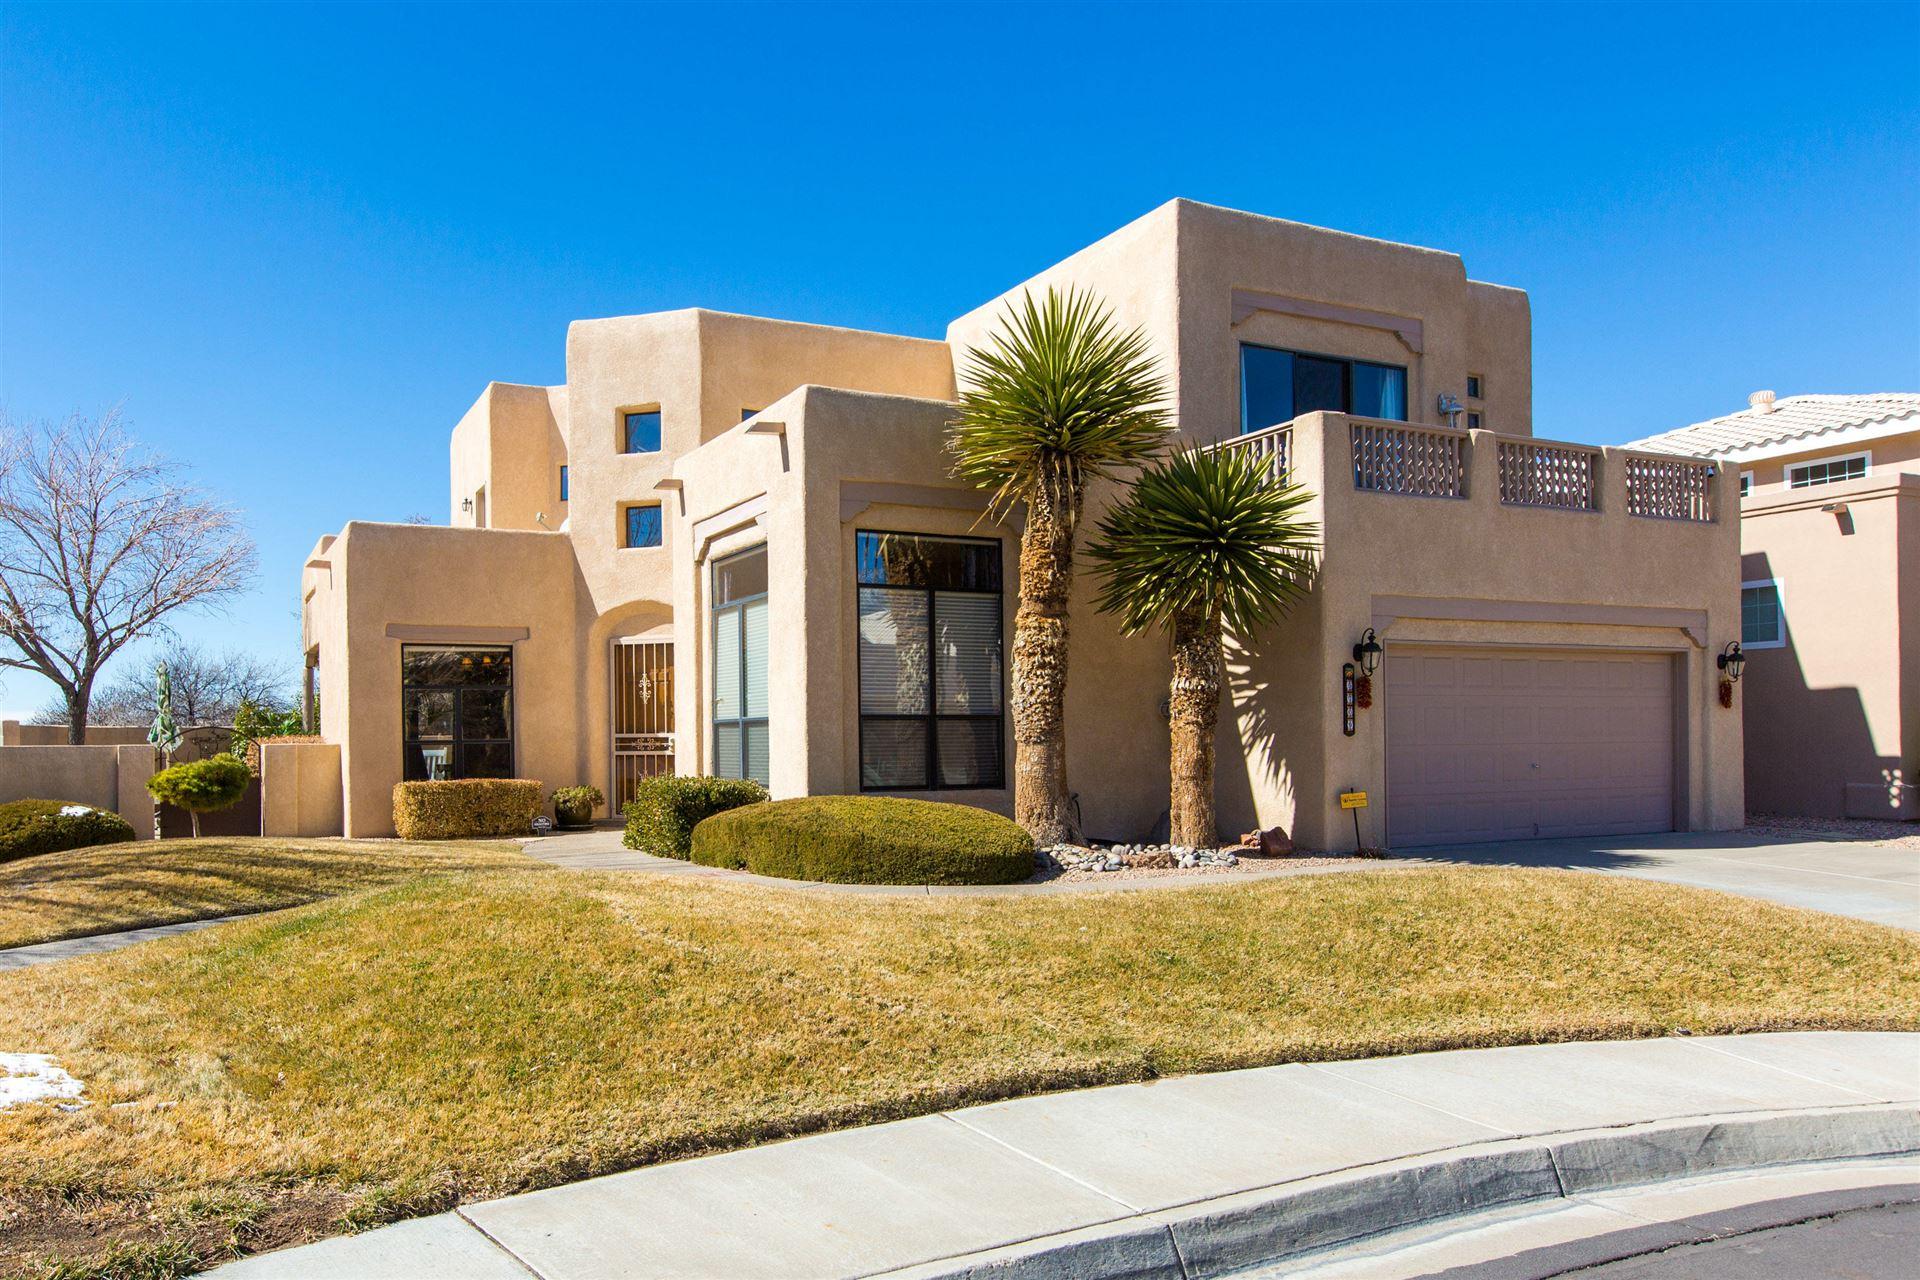 5709 MIMOSA Court NE, Albuquerque, NM 87111 - MLS#: 986322